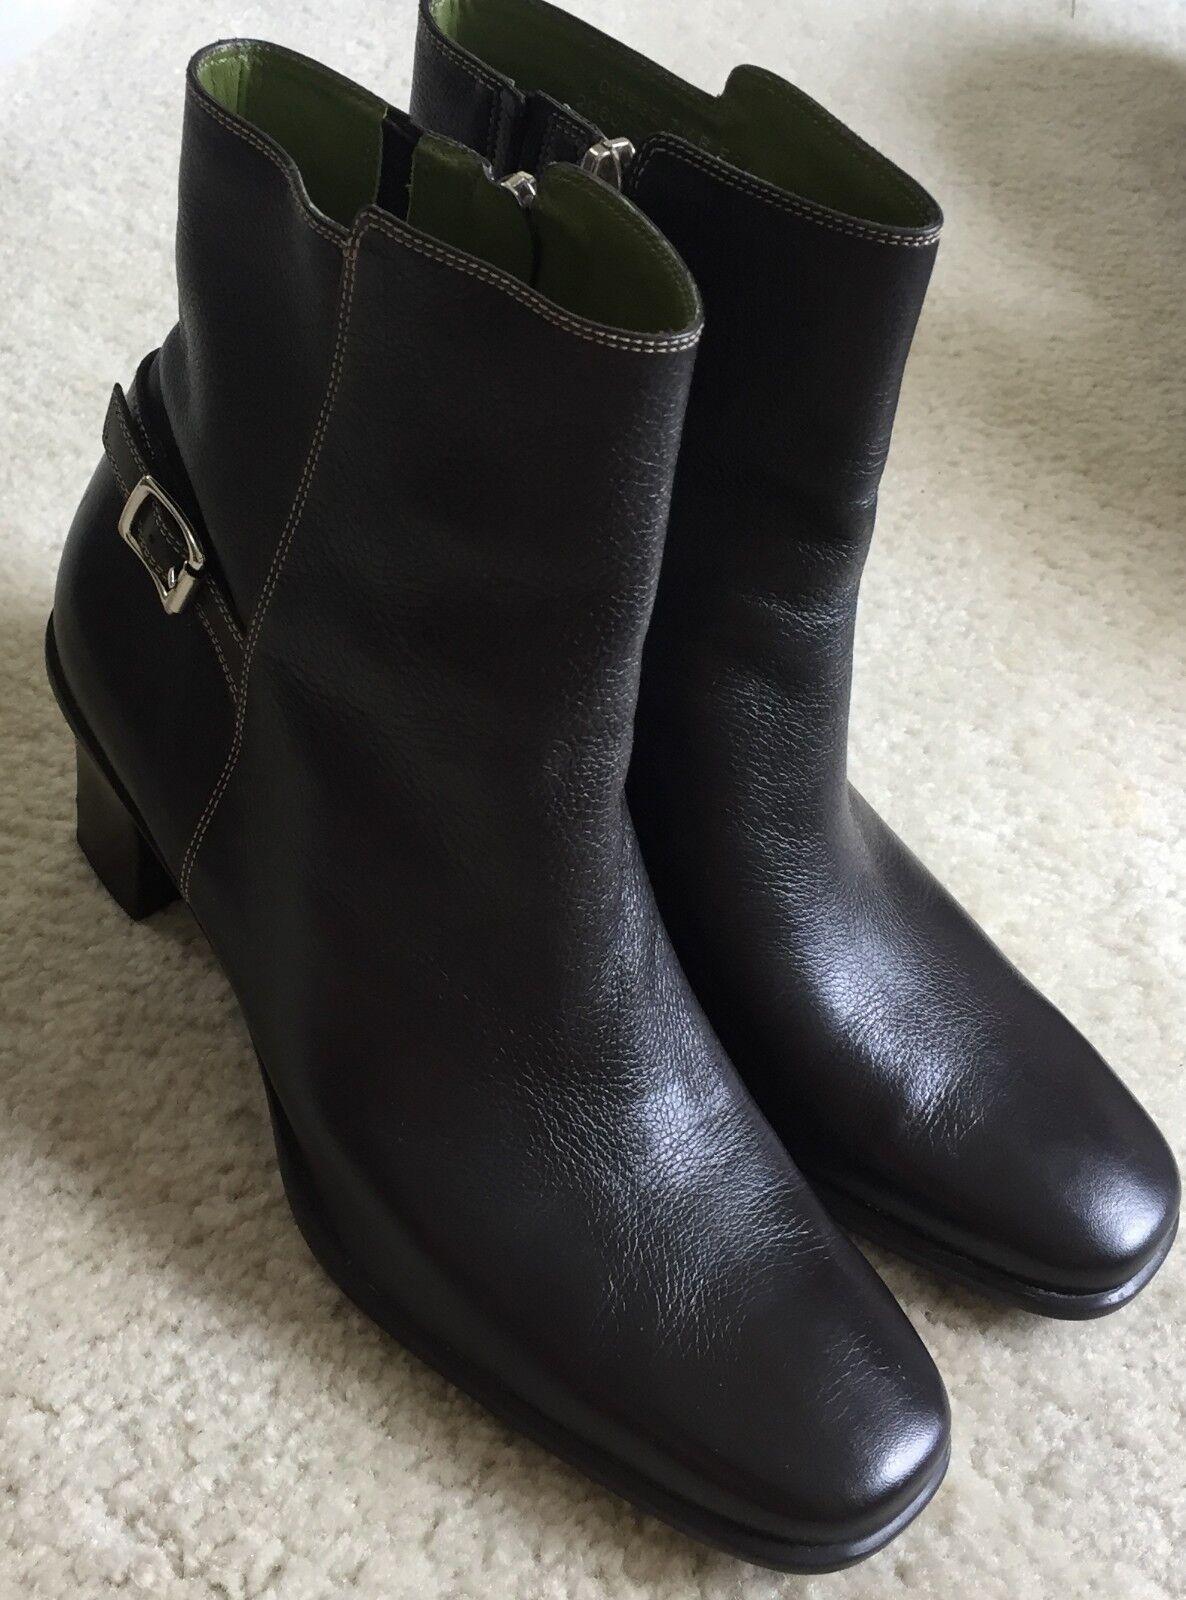 Para mujer mujer mujer Cole Haan botas al tobillo con cremallera de Cuero Marrón Talla 7.5 M  la mejor oferta de tienda online